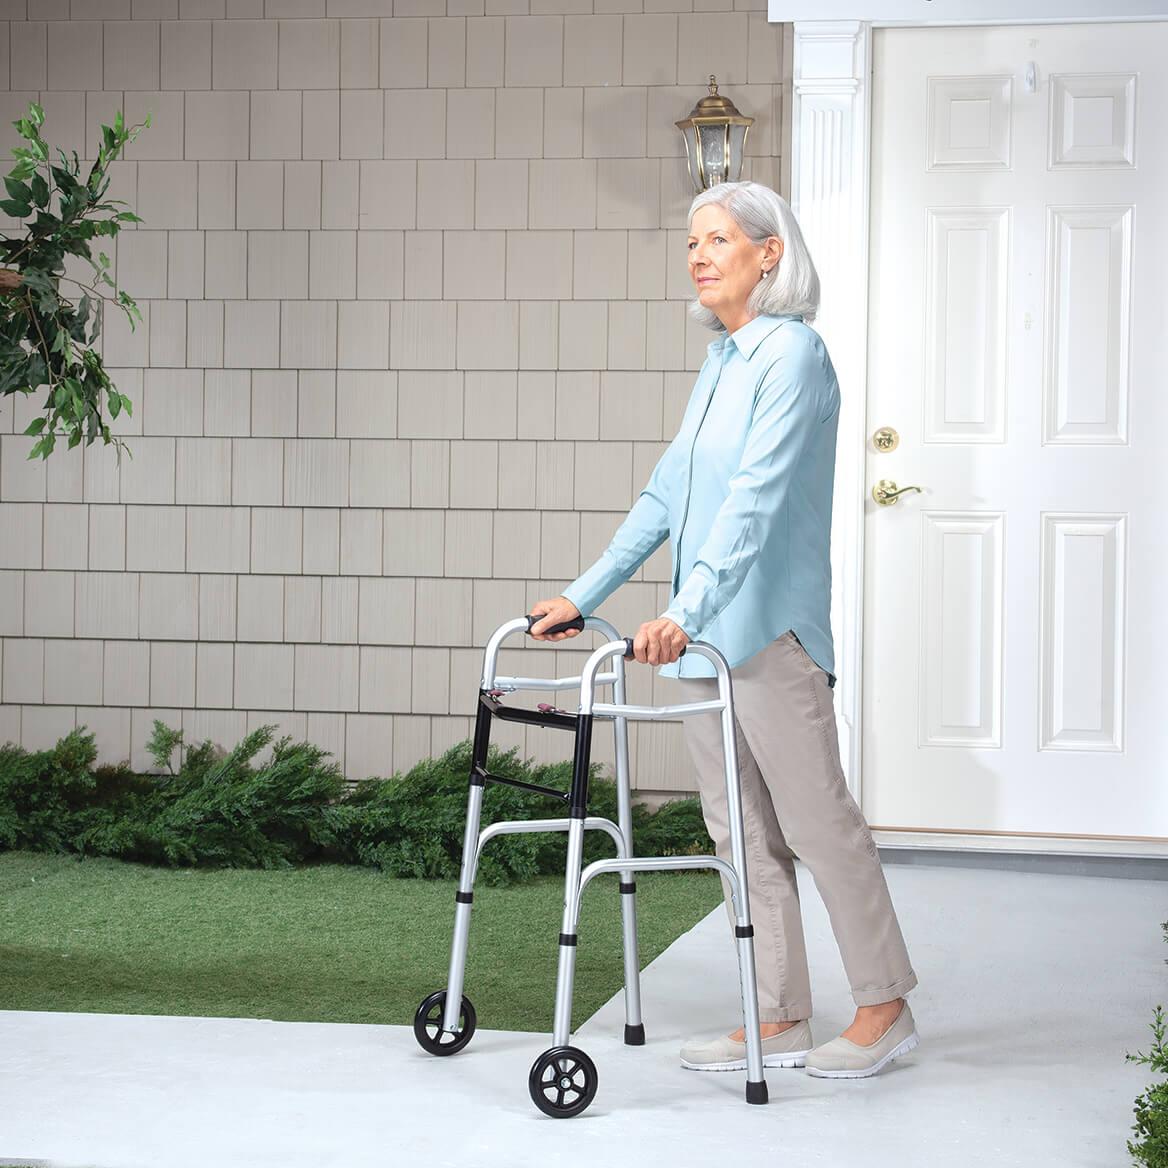 Walker with Wheels           XL-341726